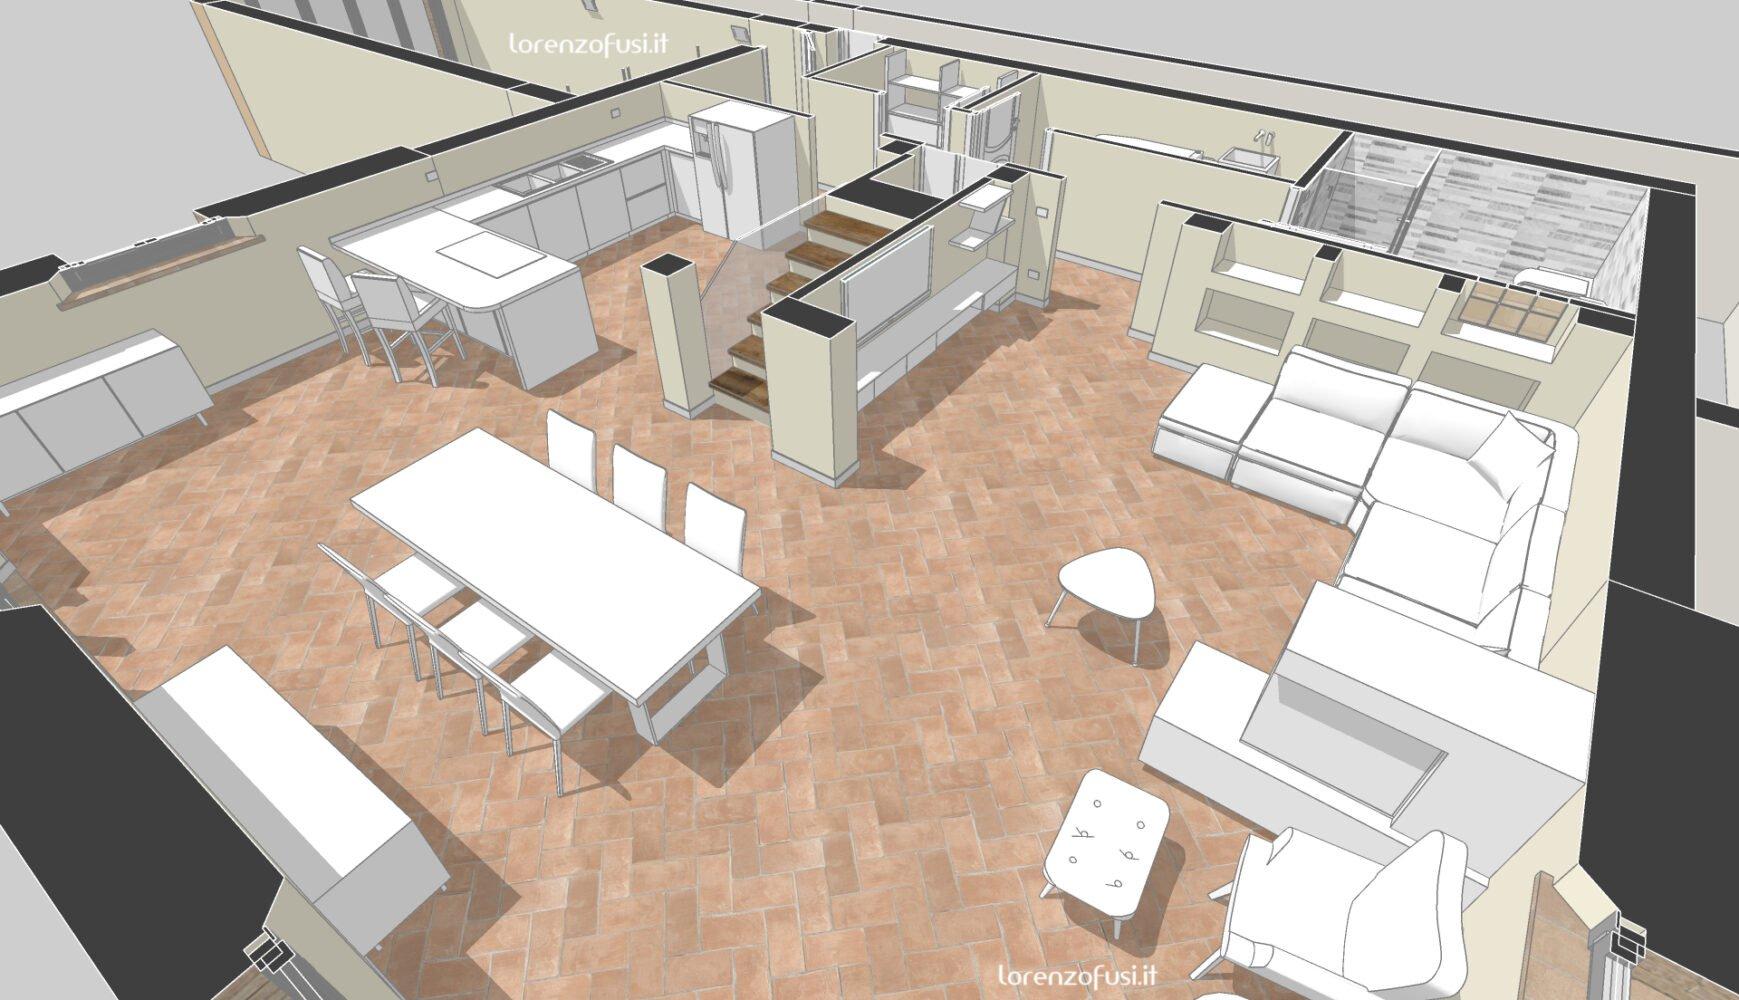 ground floor perspective